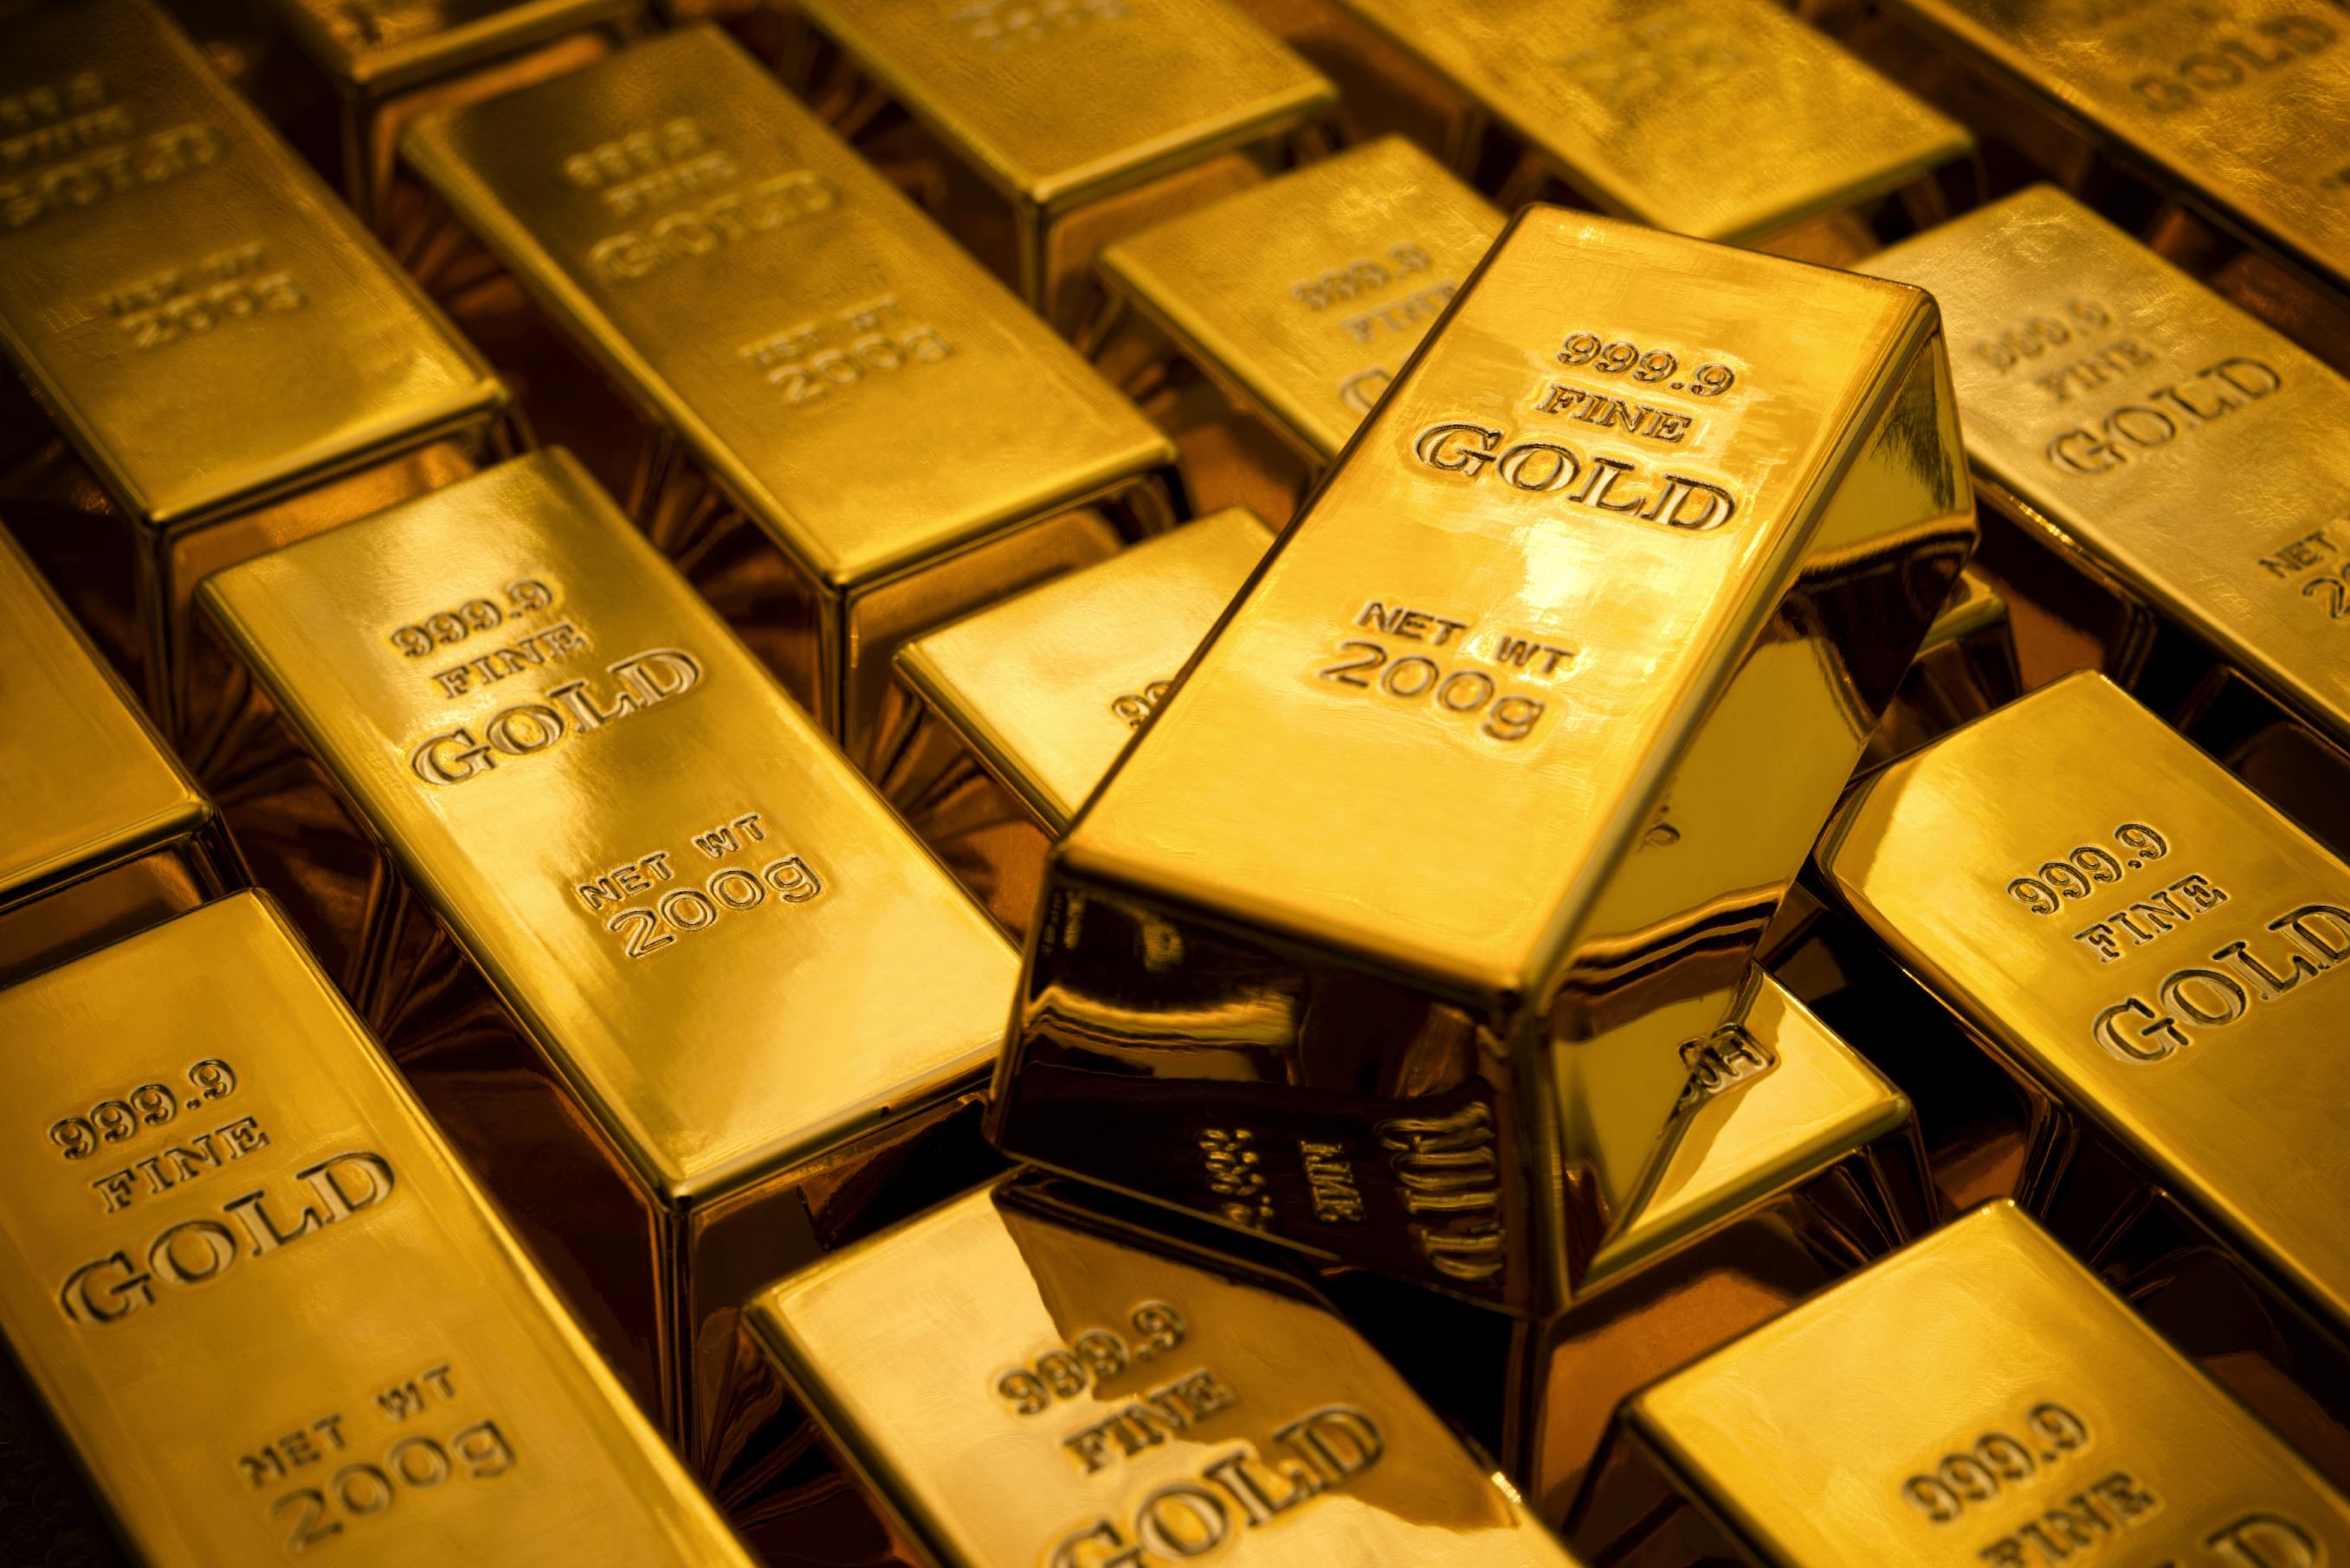 Giá vàng thế giới trong tuần này được dự đoán là sẽ suy yếu do tác động từ các thị trường vàng lớn